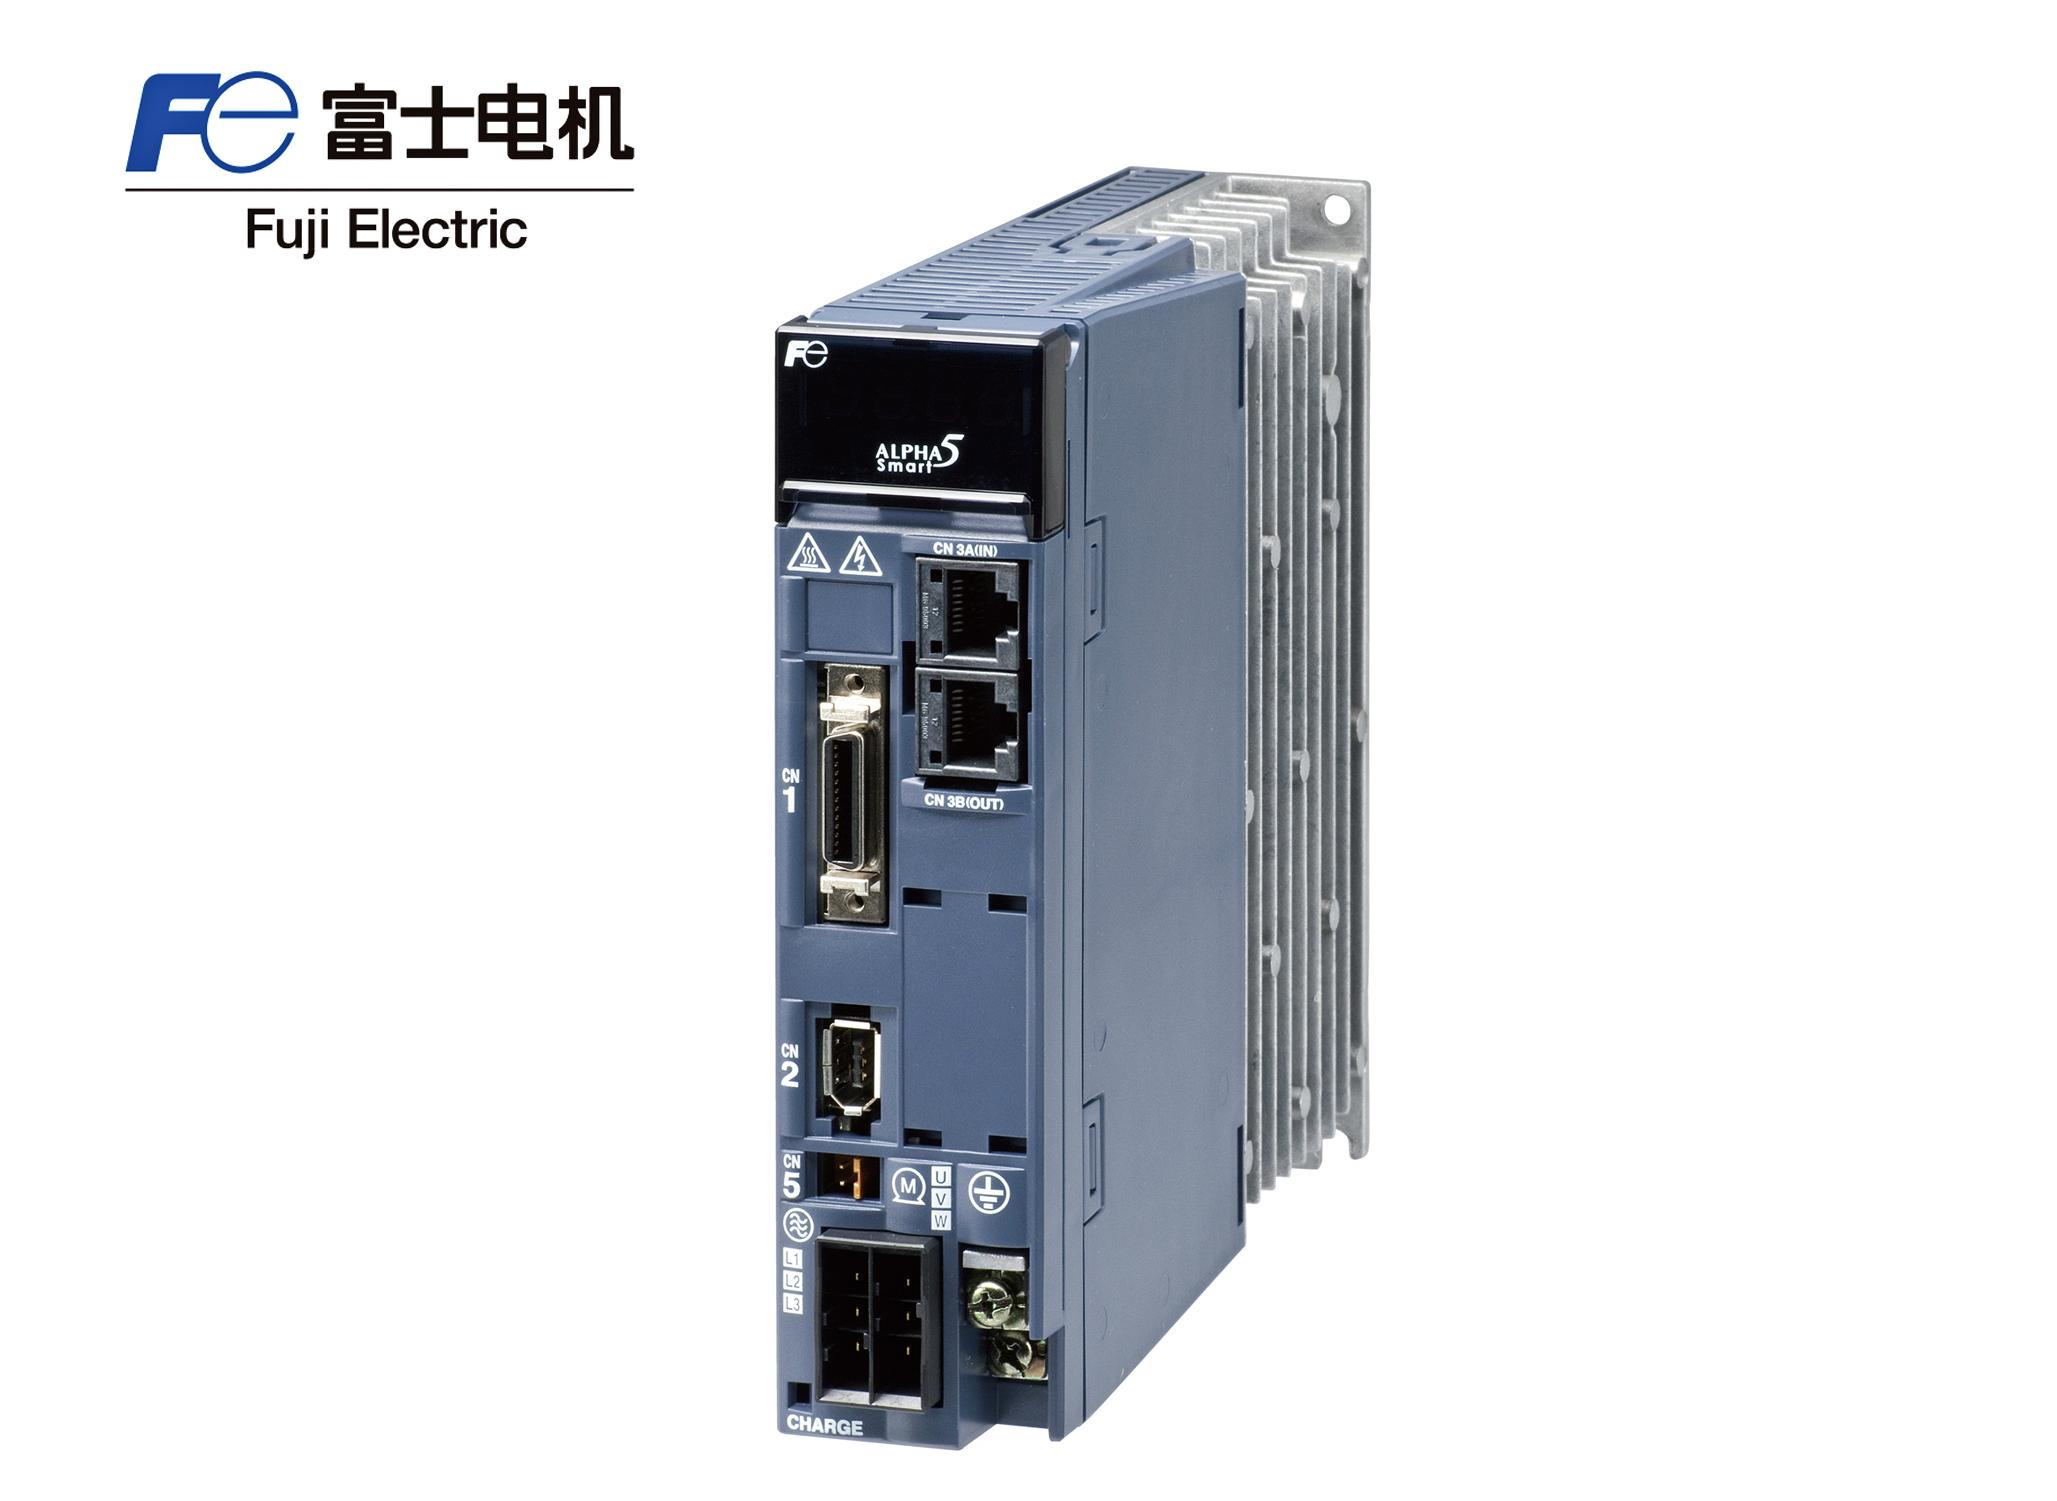 富士RYH201F5-VV2伺服放大器 位置/速度/转矩控制模式